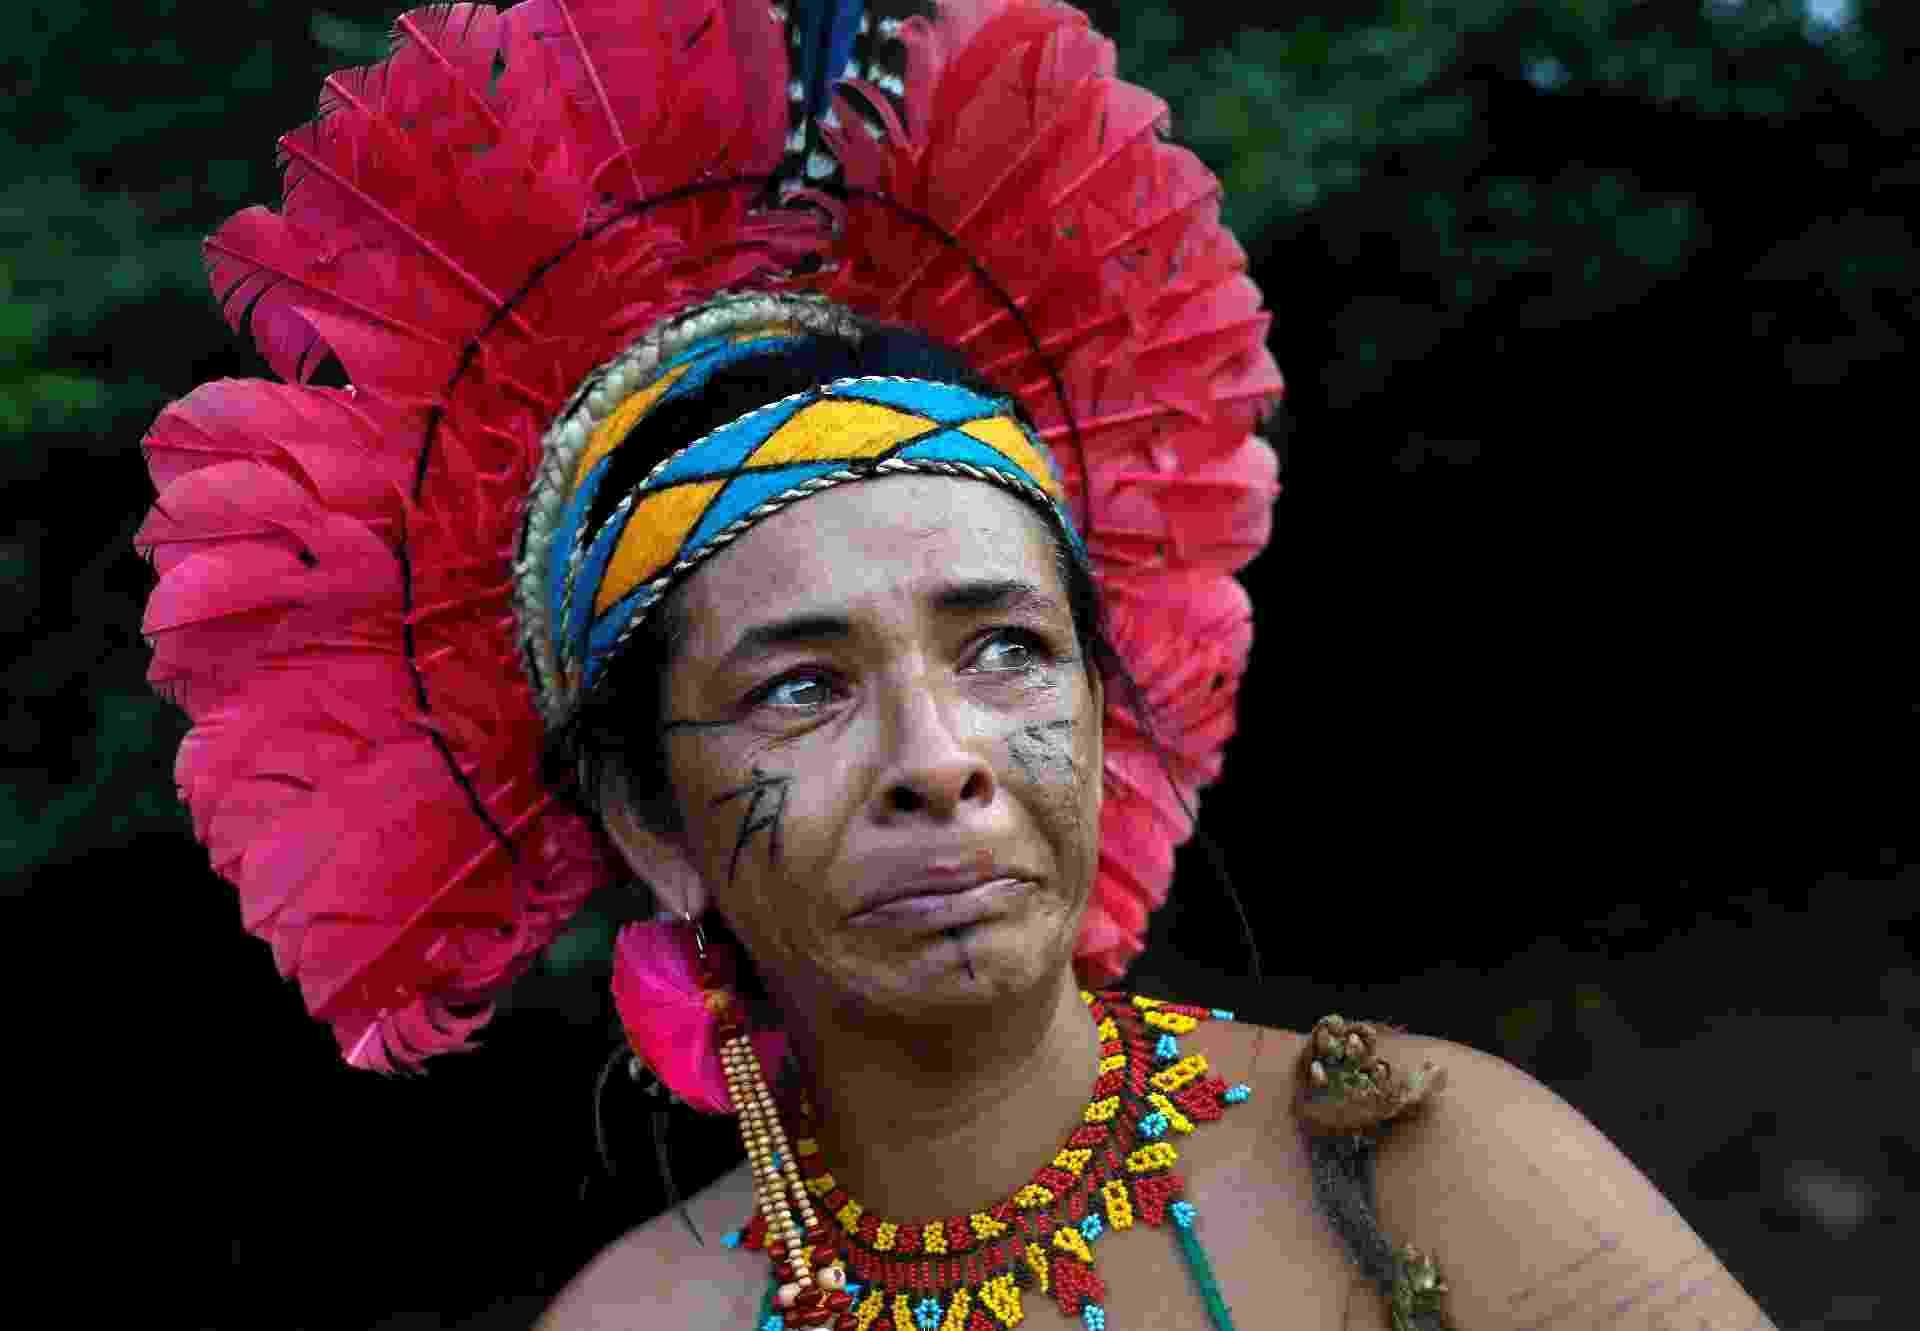 29.jan.2019 - Fonte de sustento para a comunidade, o rio foi atingido pela lama e por dejetos minerais, ameaçando o abastecimento não só dos índios, mas também dos moradores de várias cidades cuja água para consumo vem do Paraopeba - Adriano Machado/Reuters